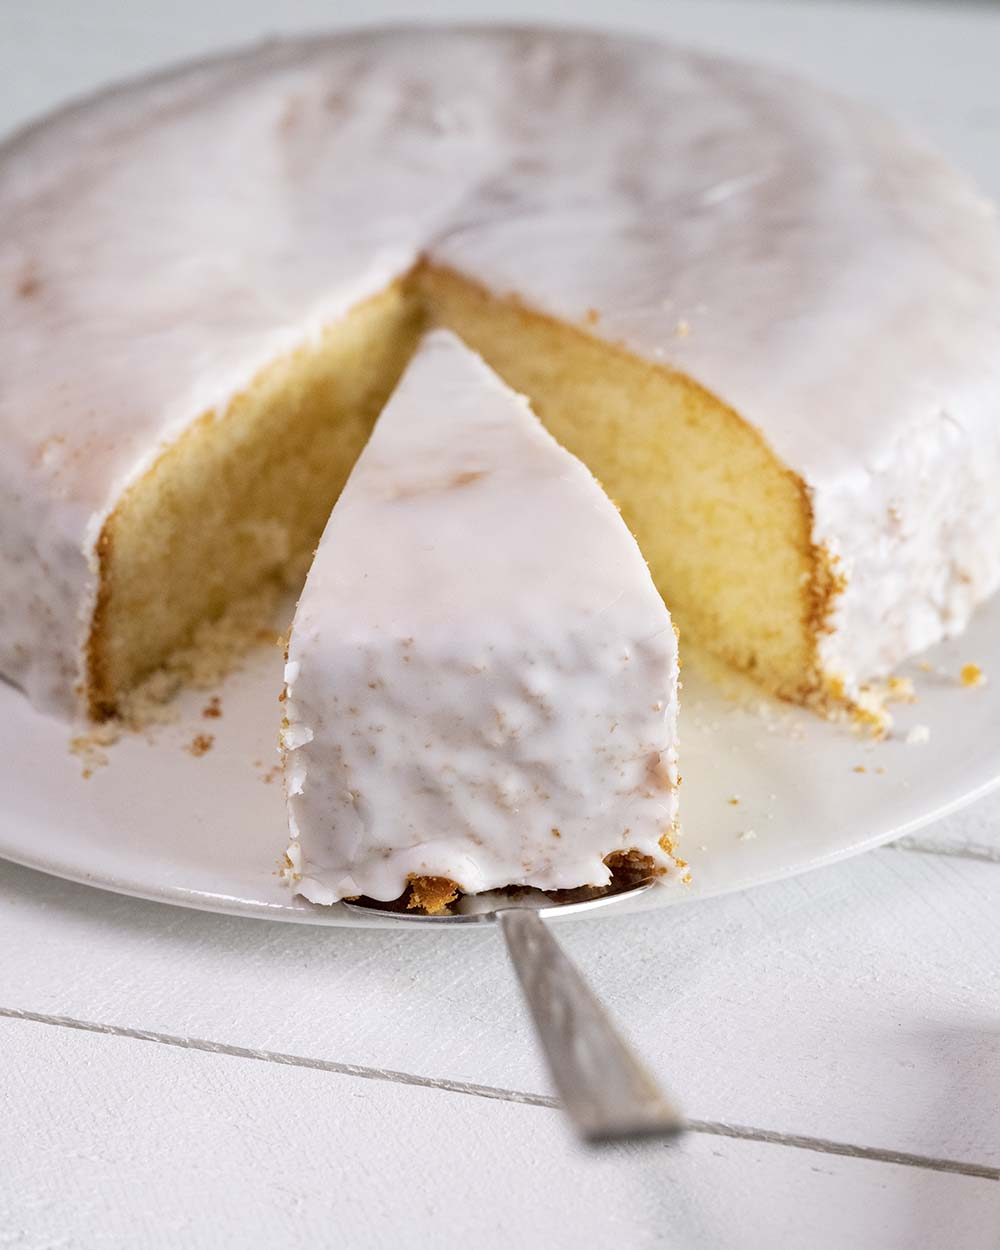 Nachaufnahme auf den ganzen Kuchen. Mit einem Kuchenheber heben wir gleich das angeschnittene Stück Zitronenkuchen hinaus.